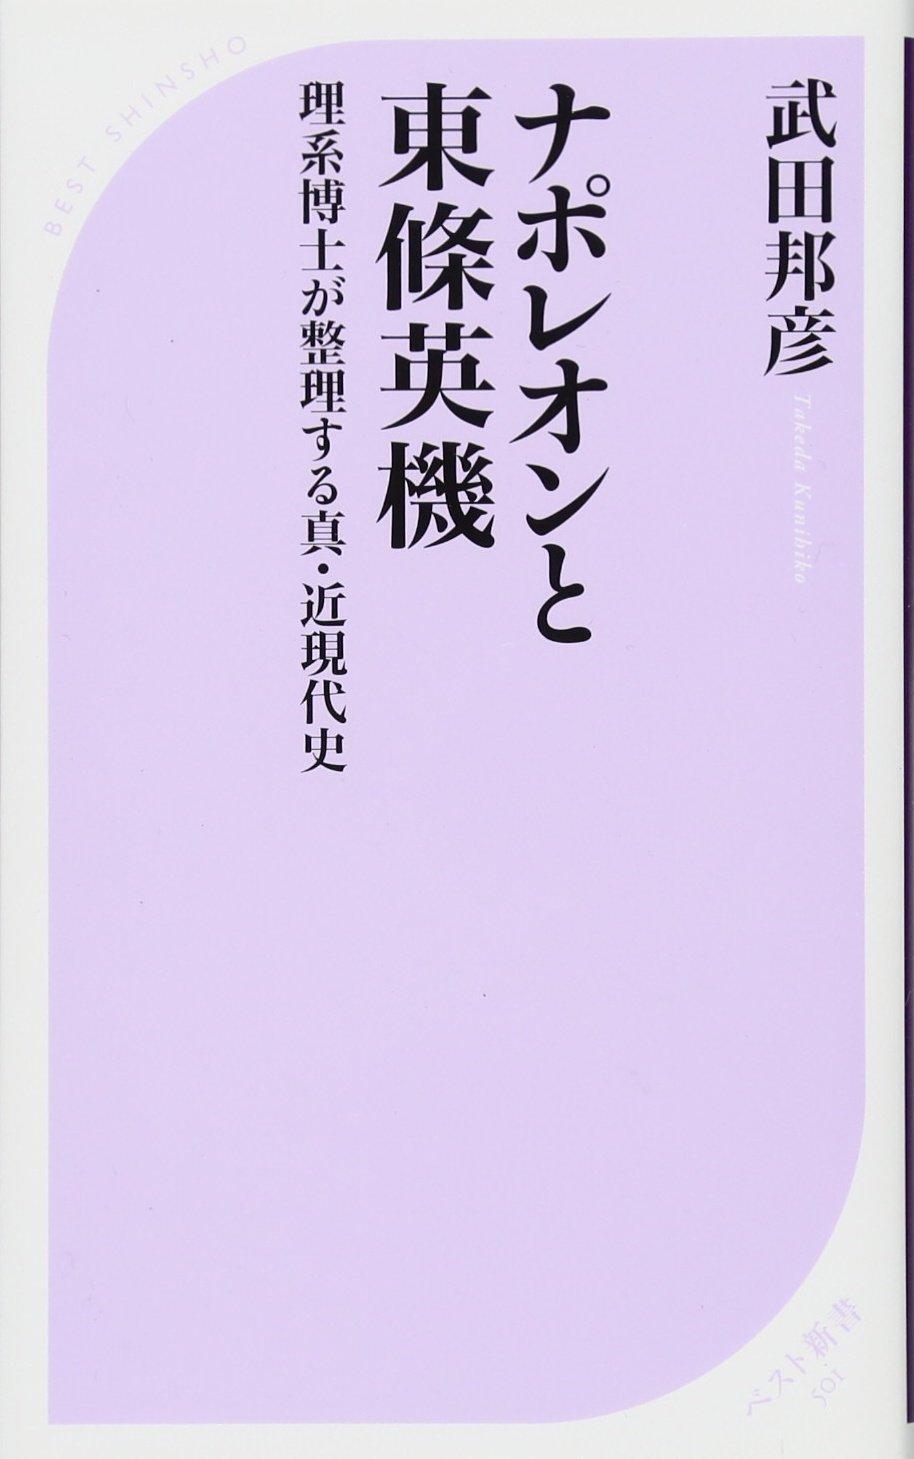 邦彦 コロナ 武田